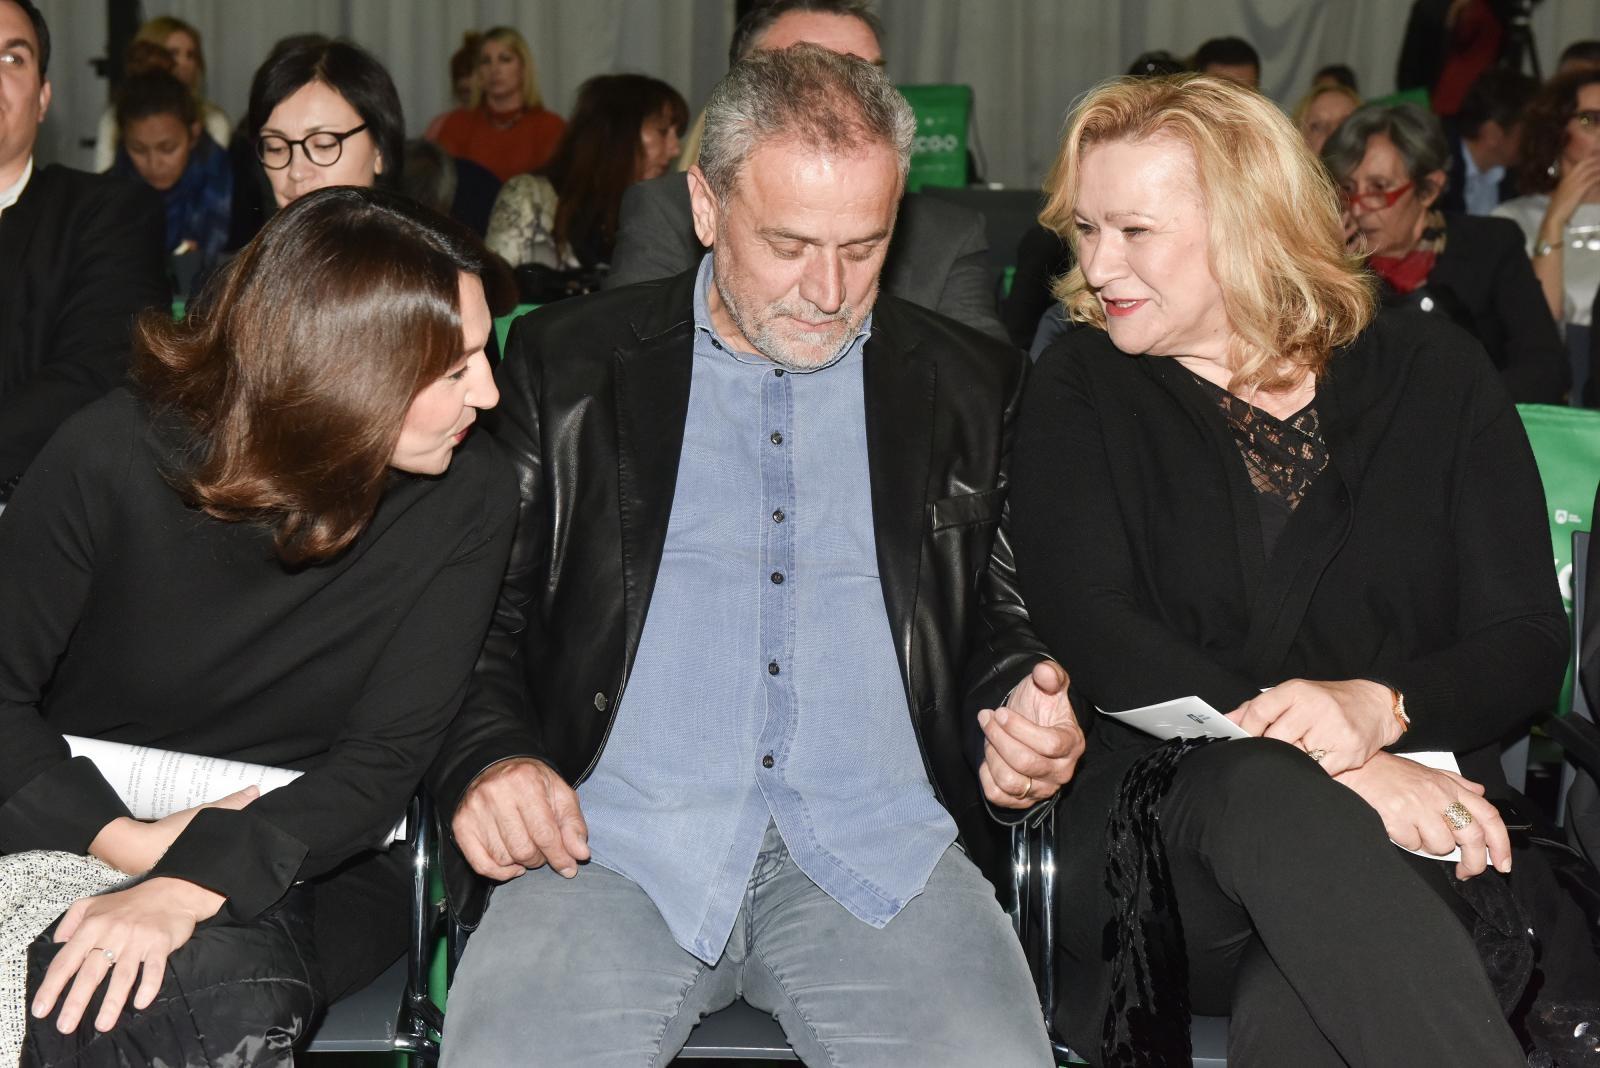 Bandića će na dužnostima mijenjati zamjenice Jelena Pavičić Vukićević i Olivera Majić